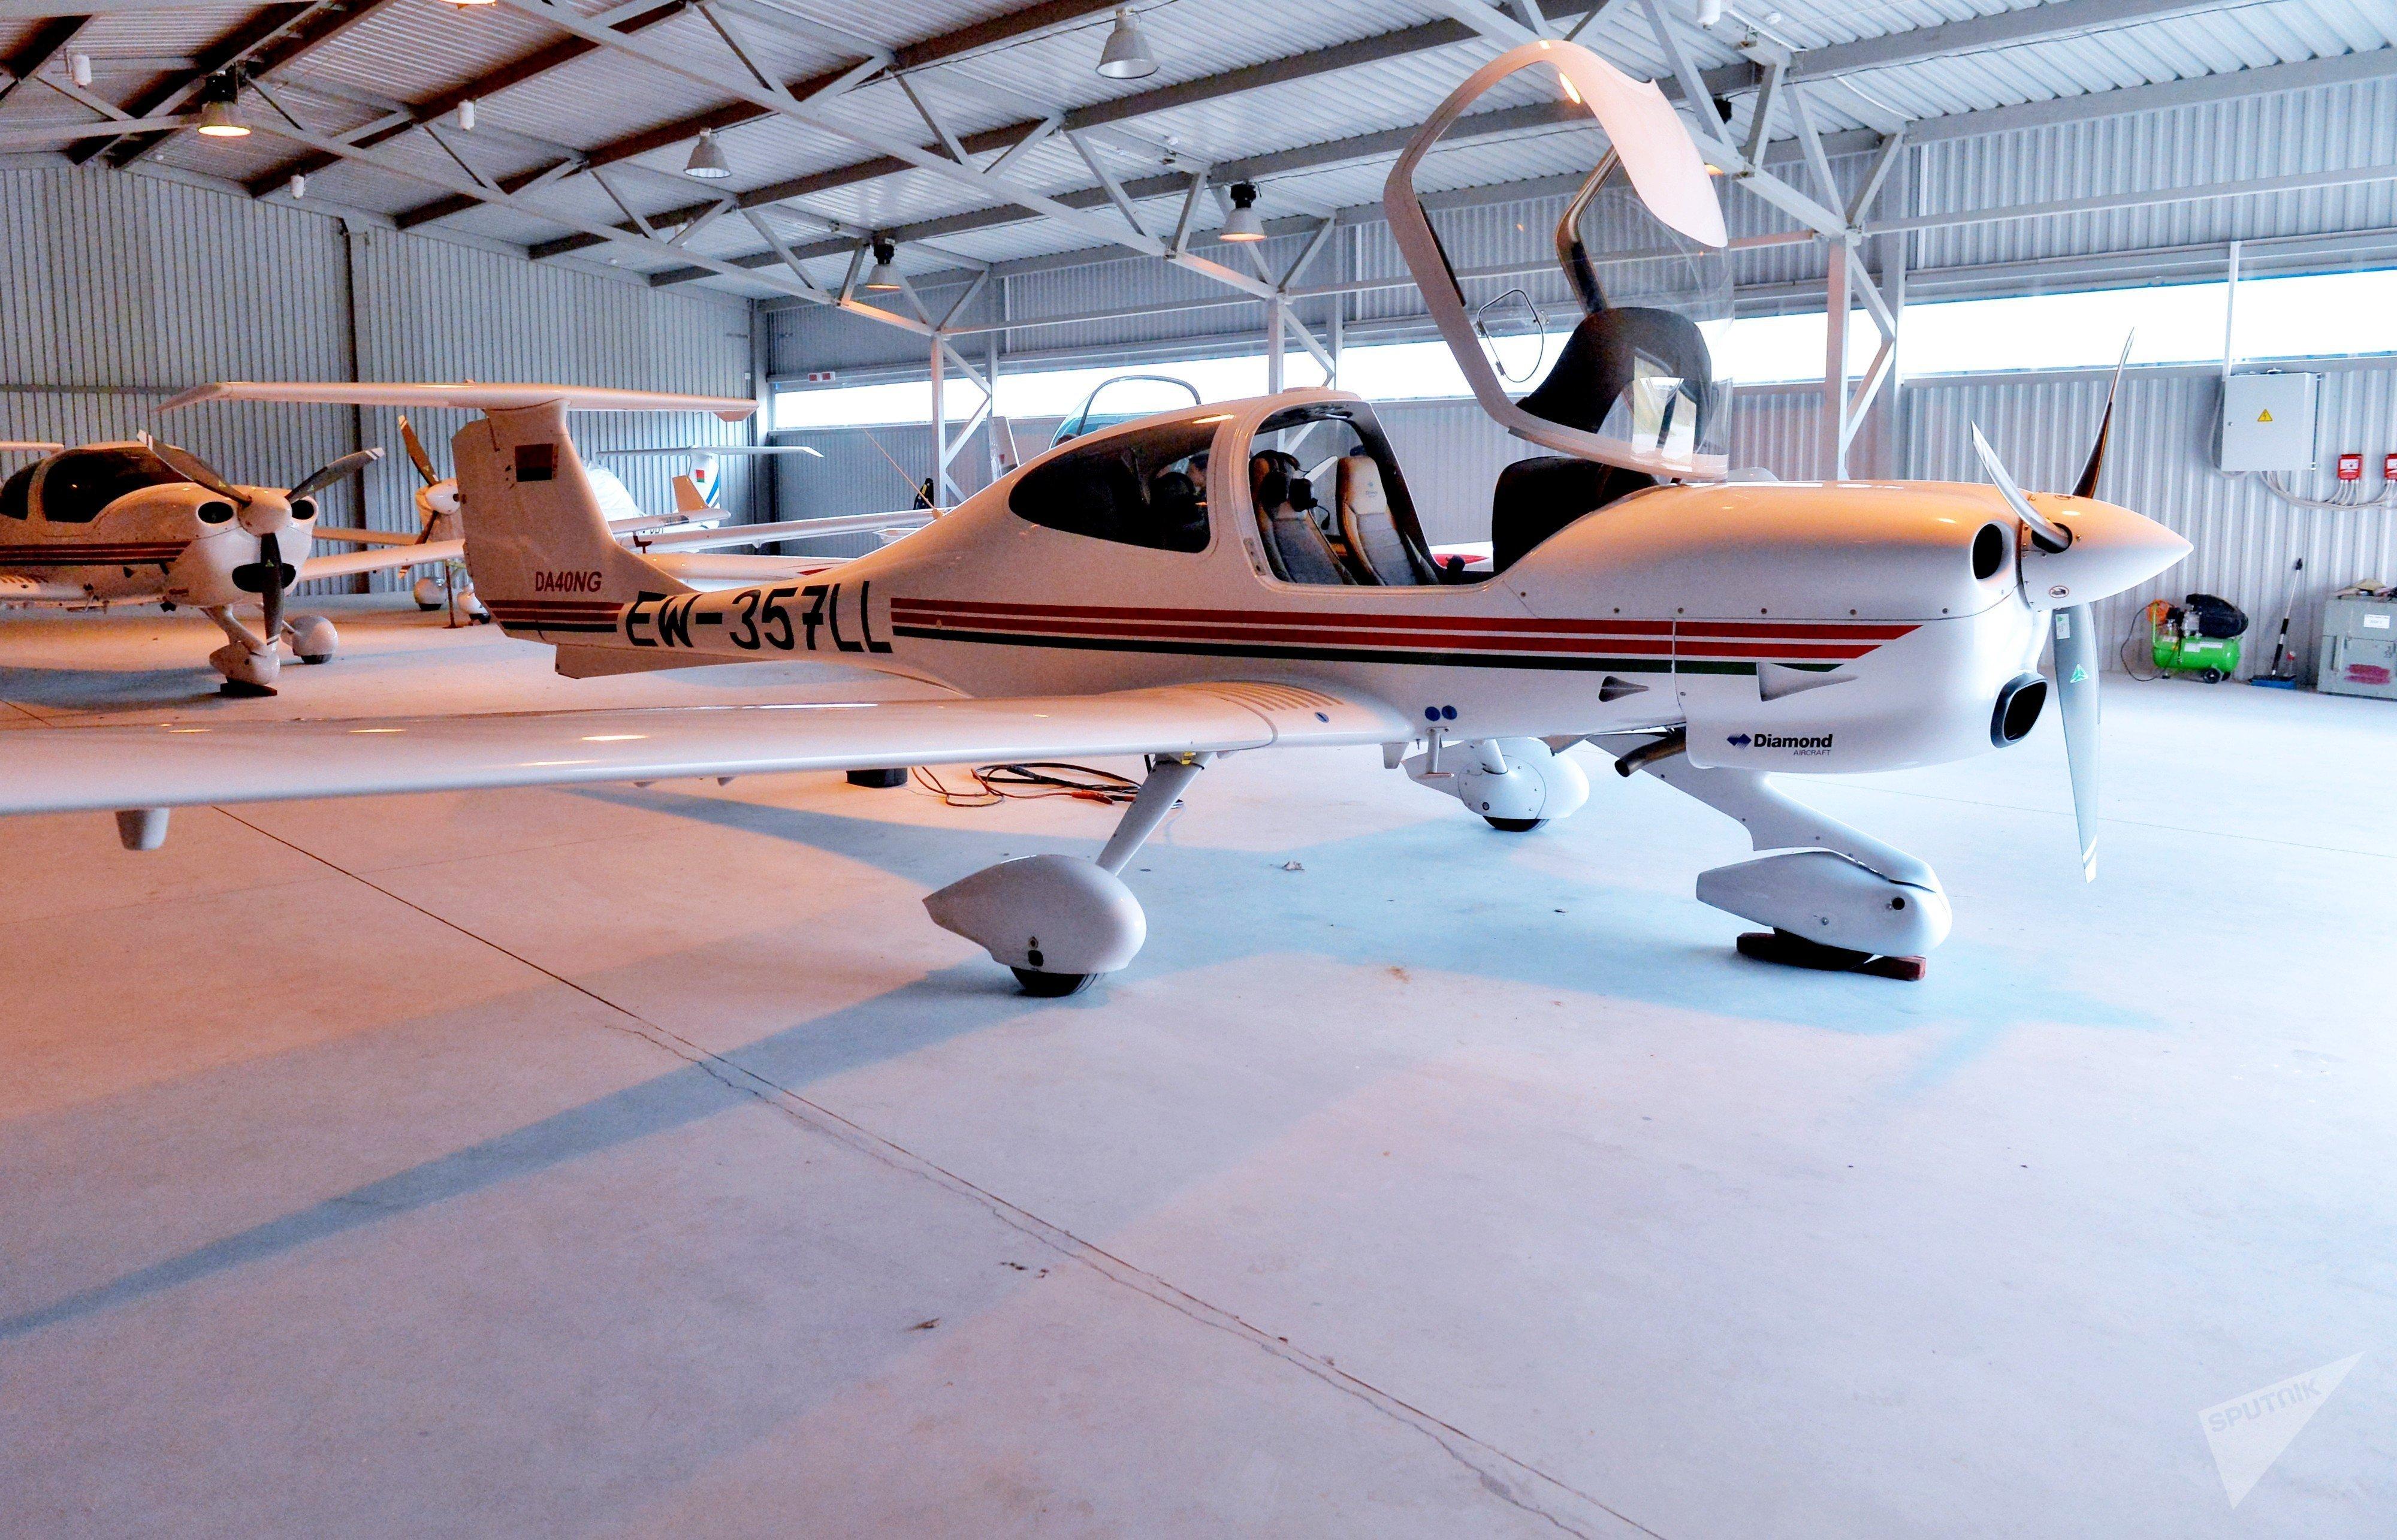 После обучения на самолете Diamond пилот может переучиться летать даже на Boeing